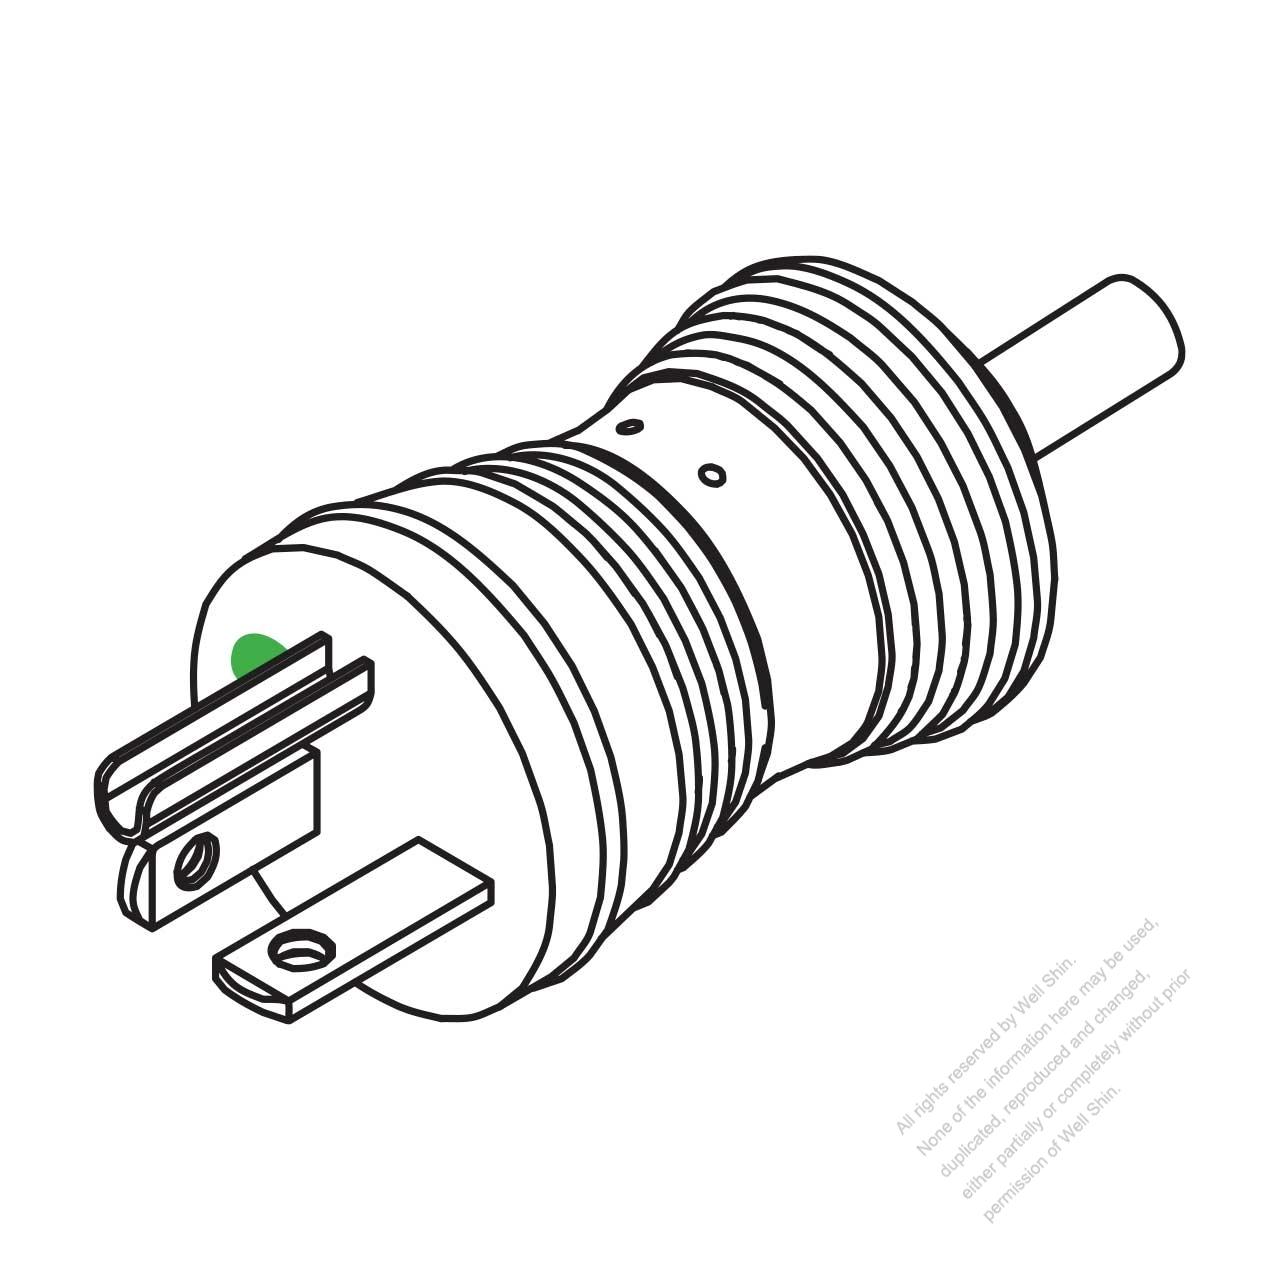 hight resolution of usa canada hospital grade ac plug nema 6 20p 2 p